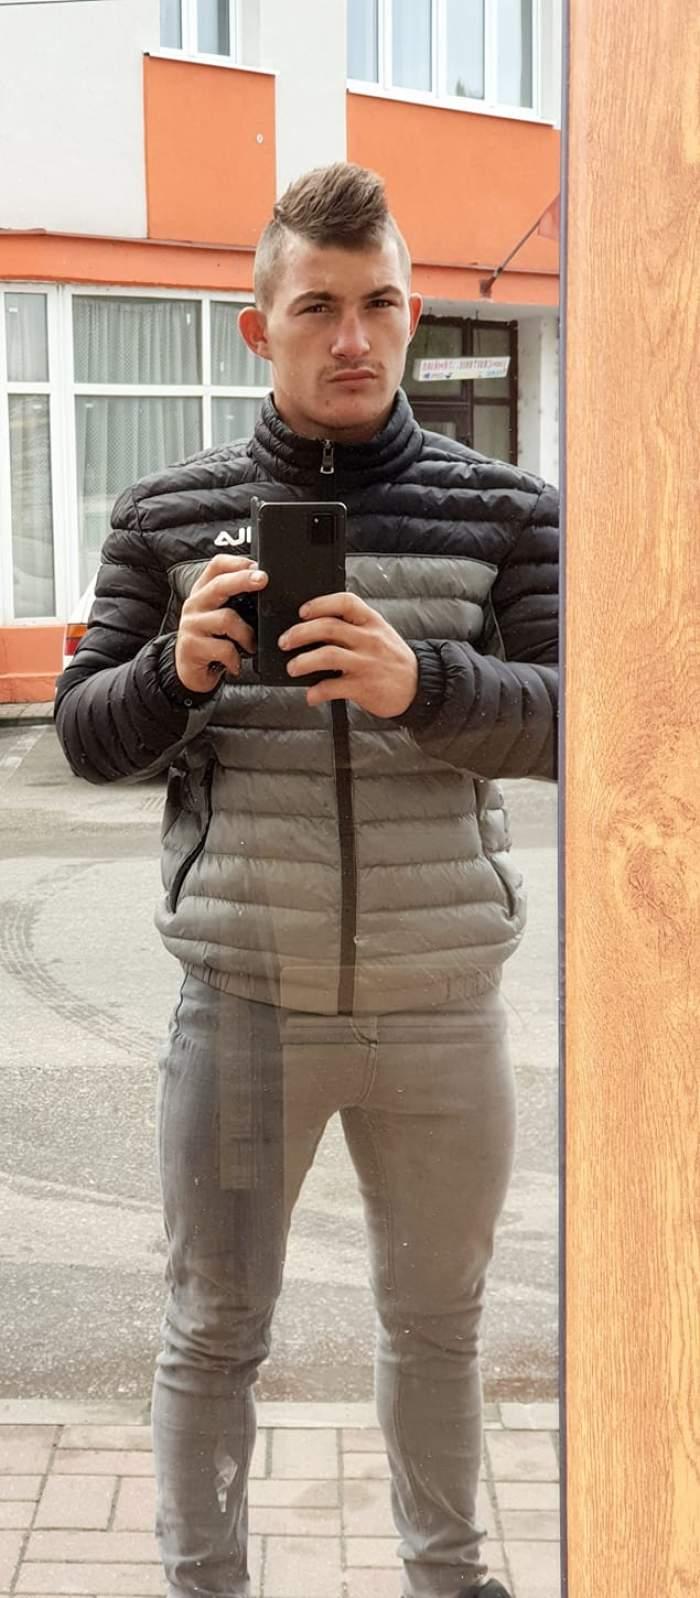 Cine este Sorin, tânărul care s-a înecat sub privirile îngrozite ale prietenilor săi, în Maramureș. Voia să își facă o carieră din fotbal